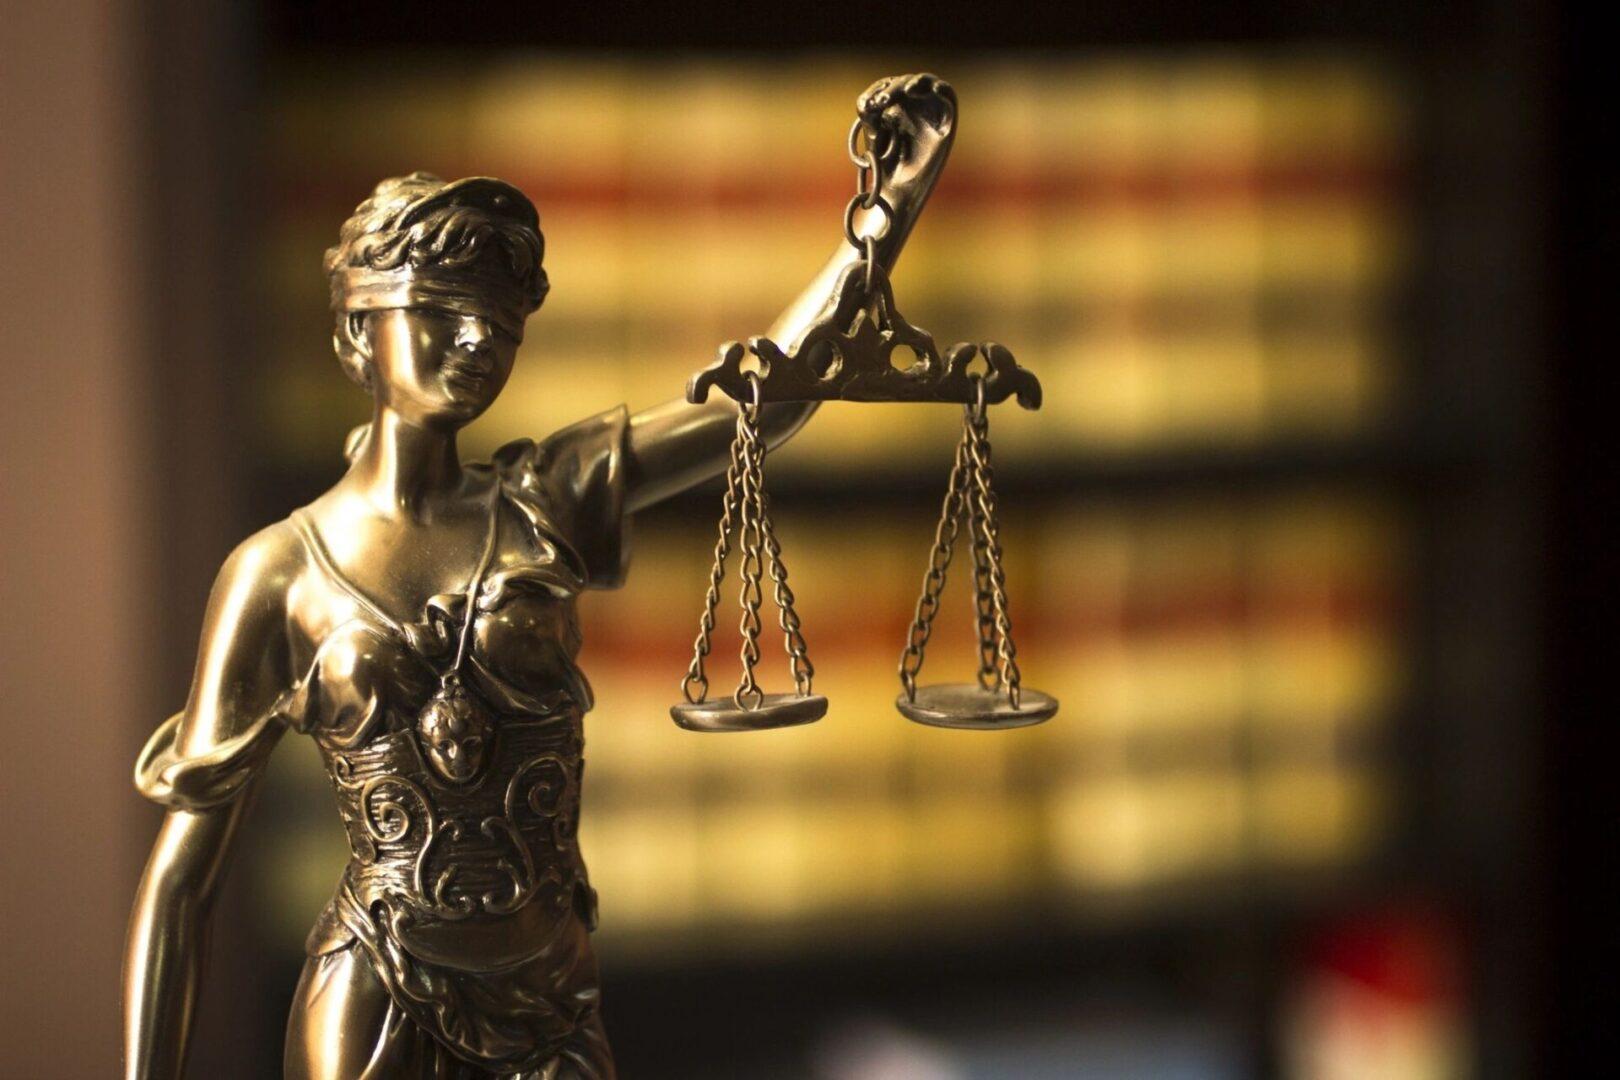 Simon Law LLC